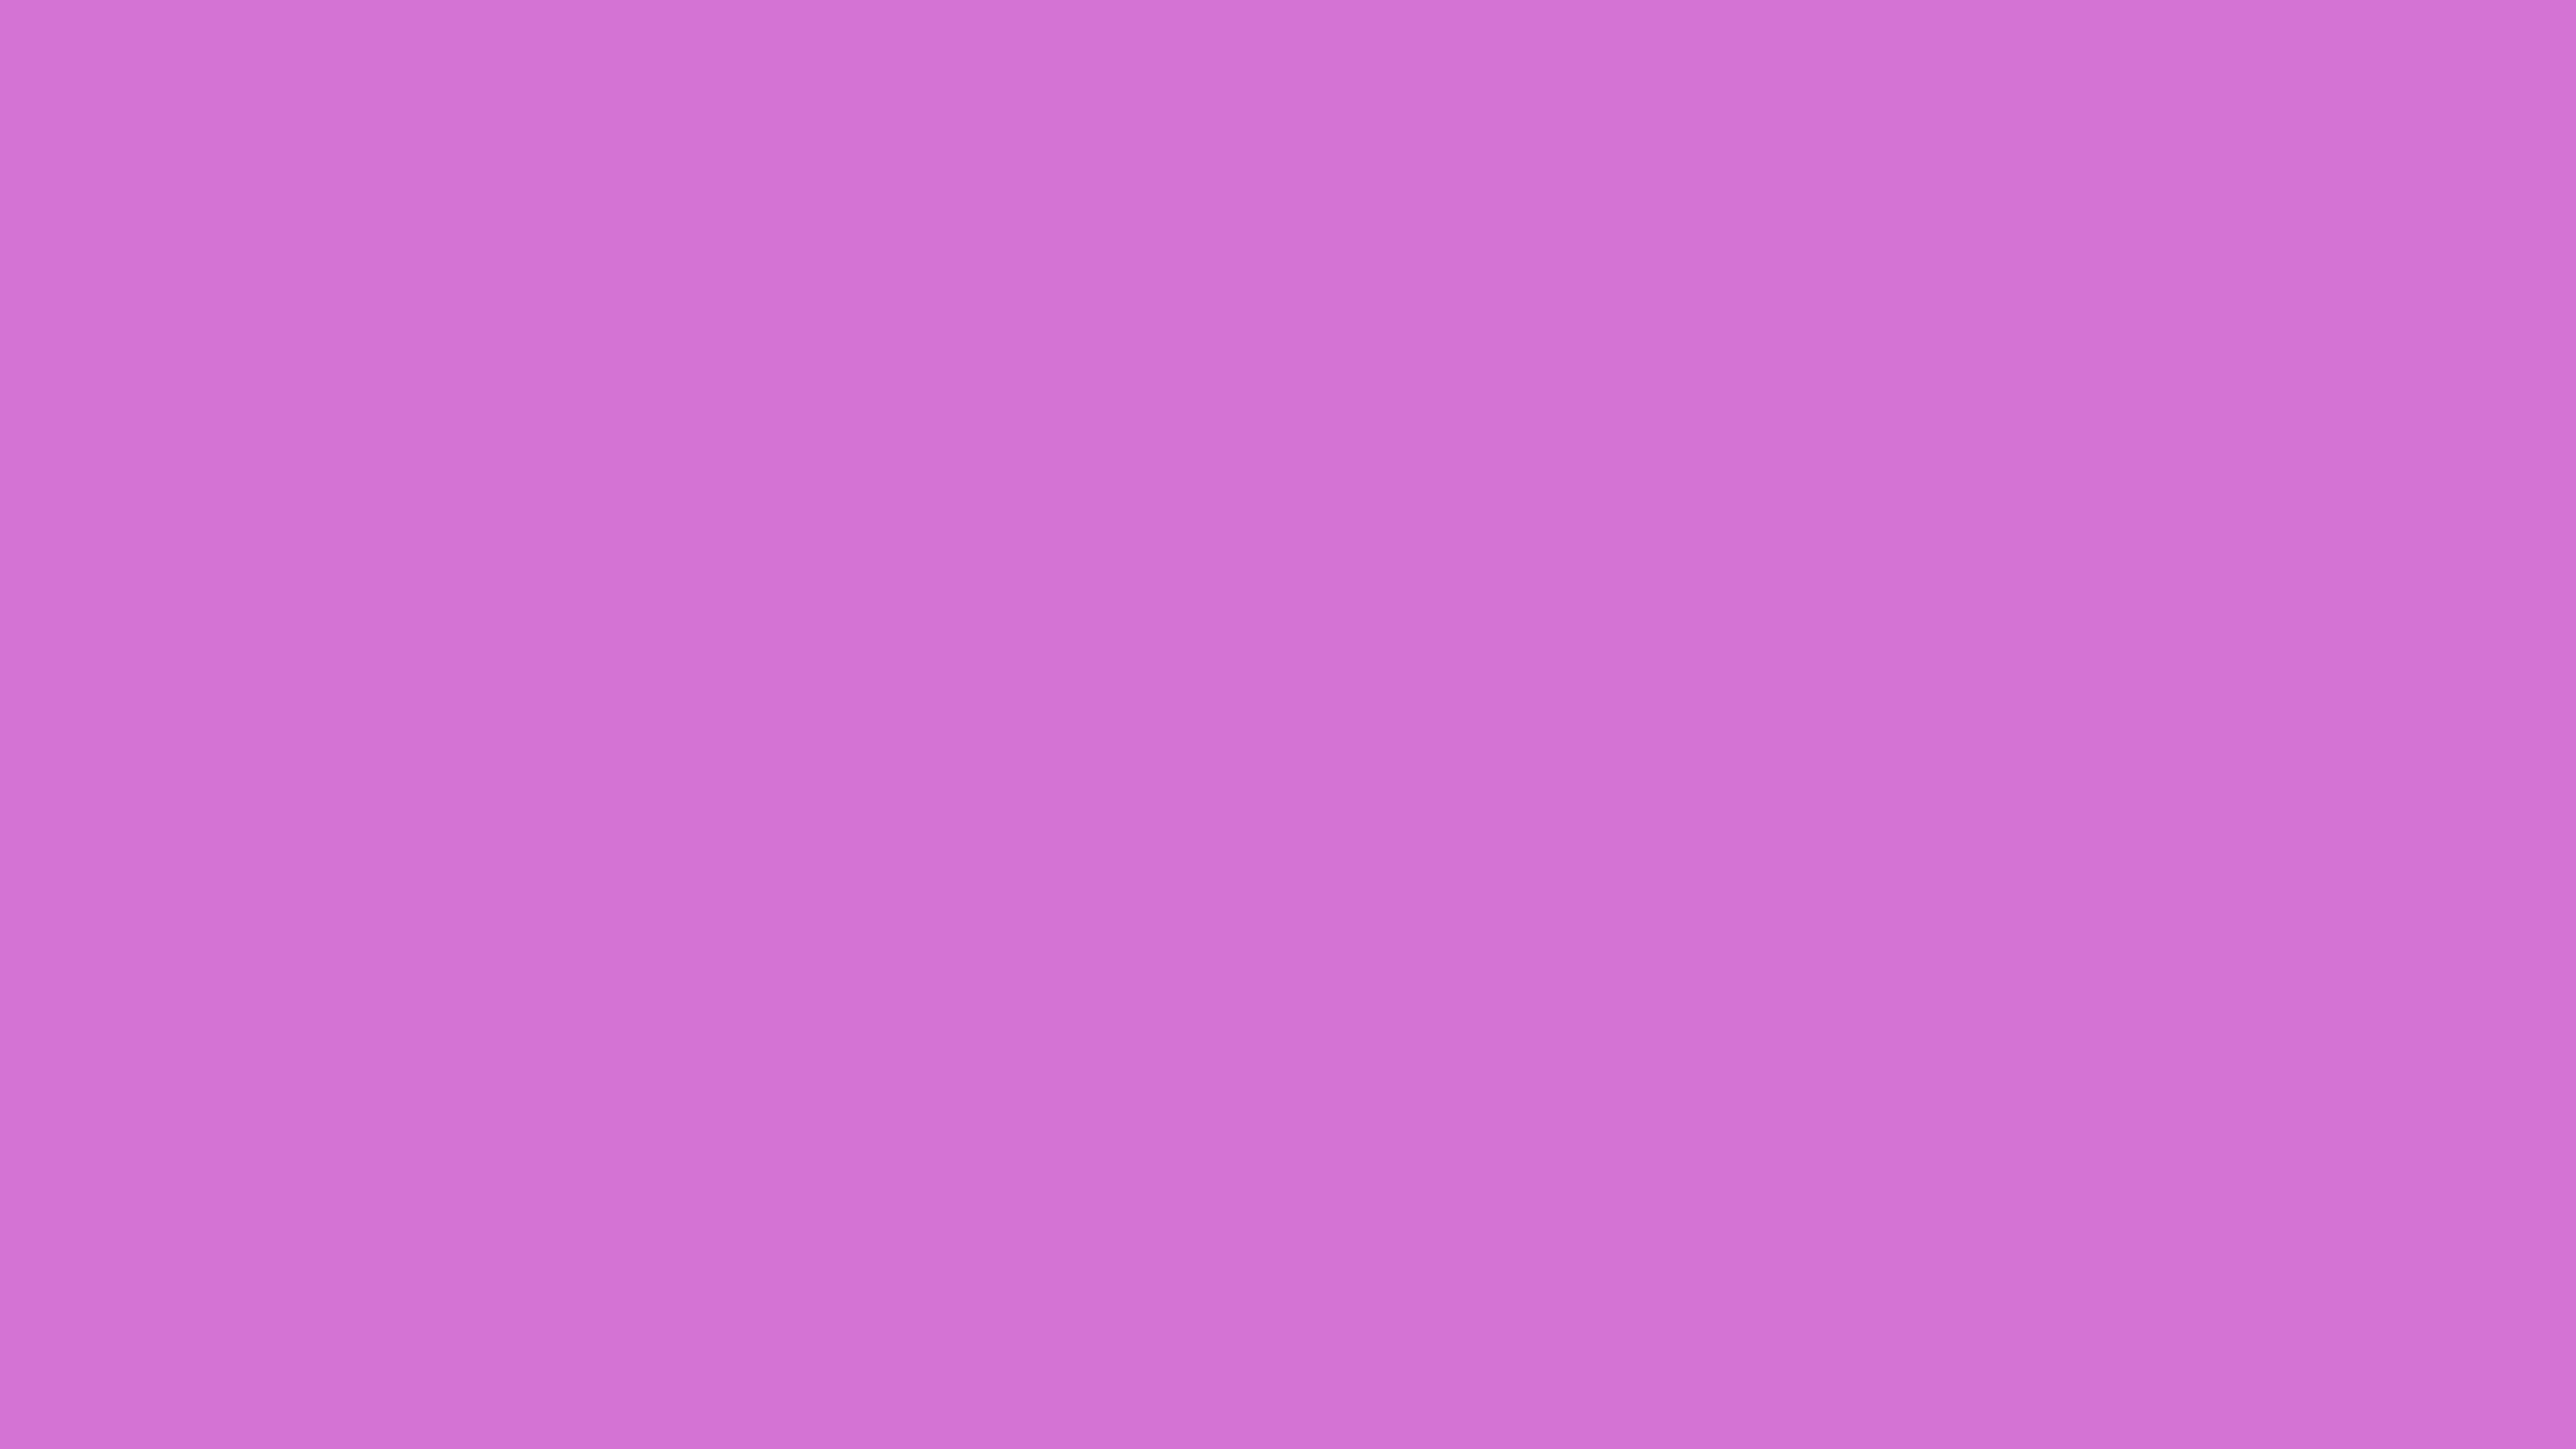 4096x2304 Deep Mauve Solid Color Background